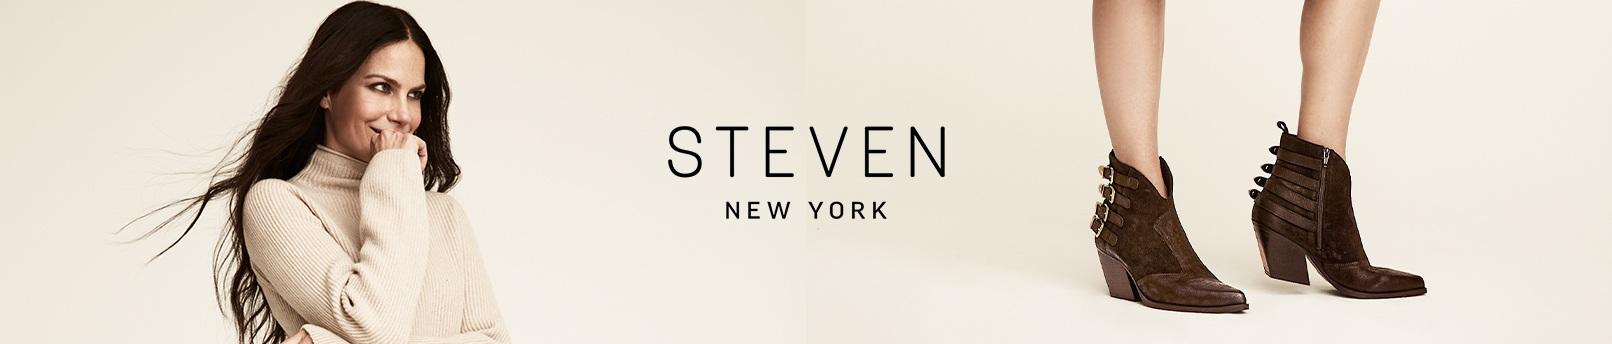 Steven New York shoppen